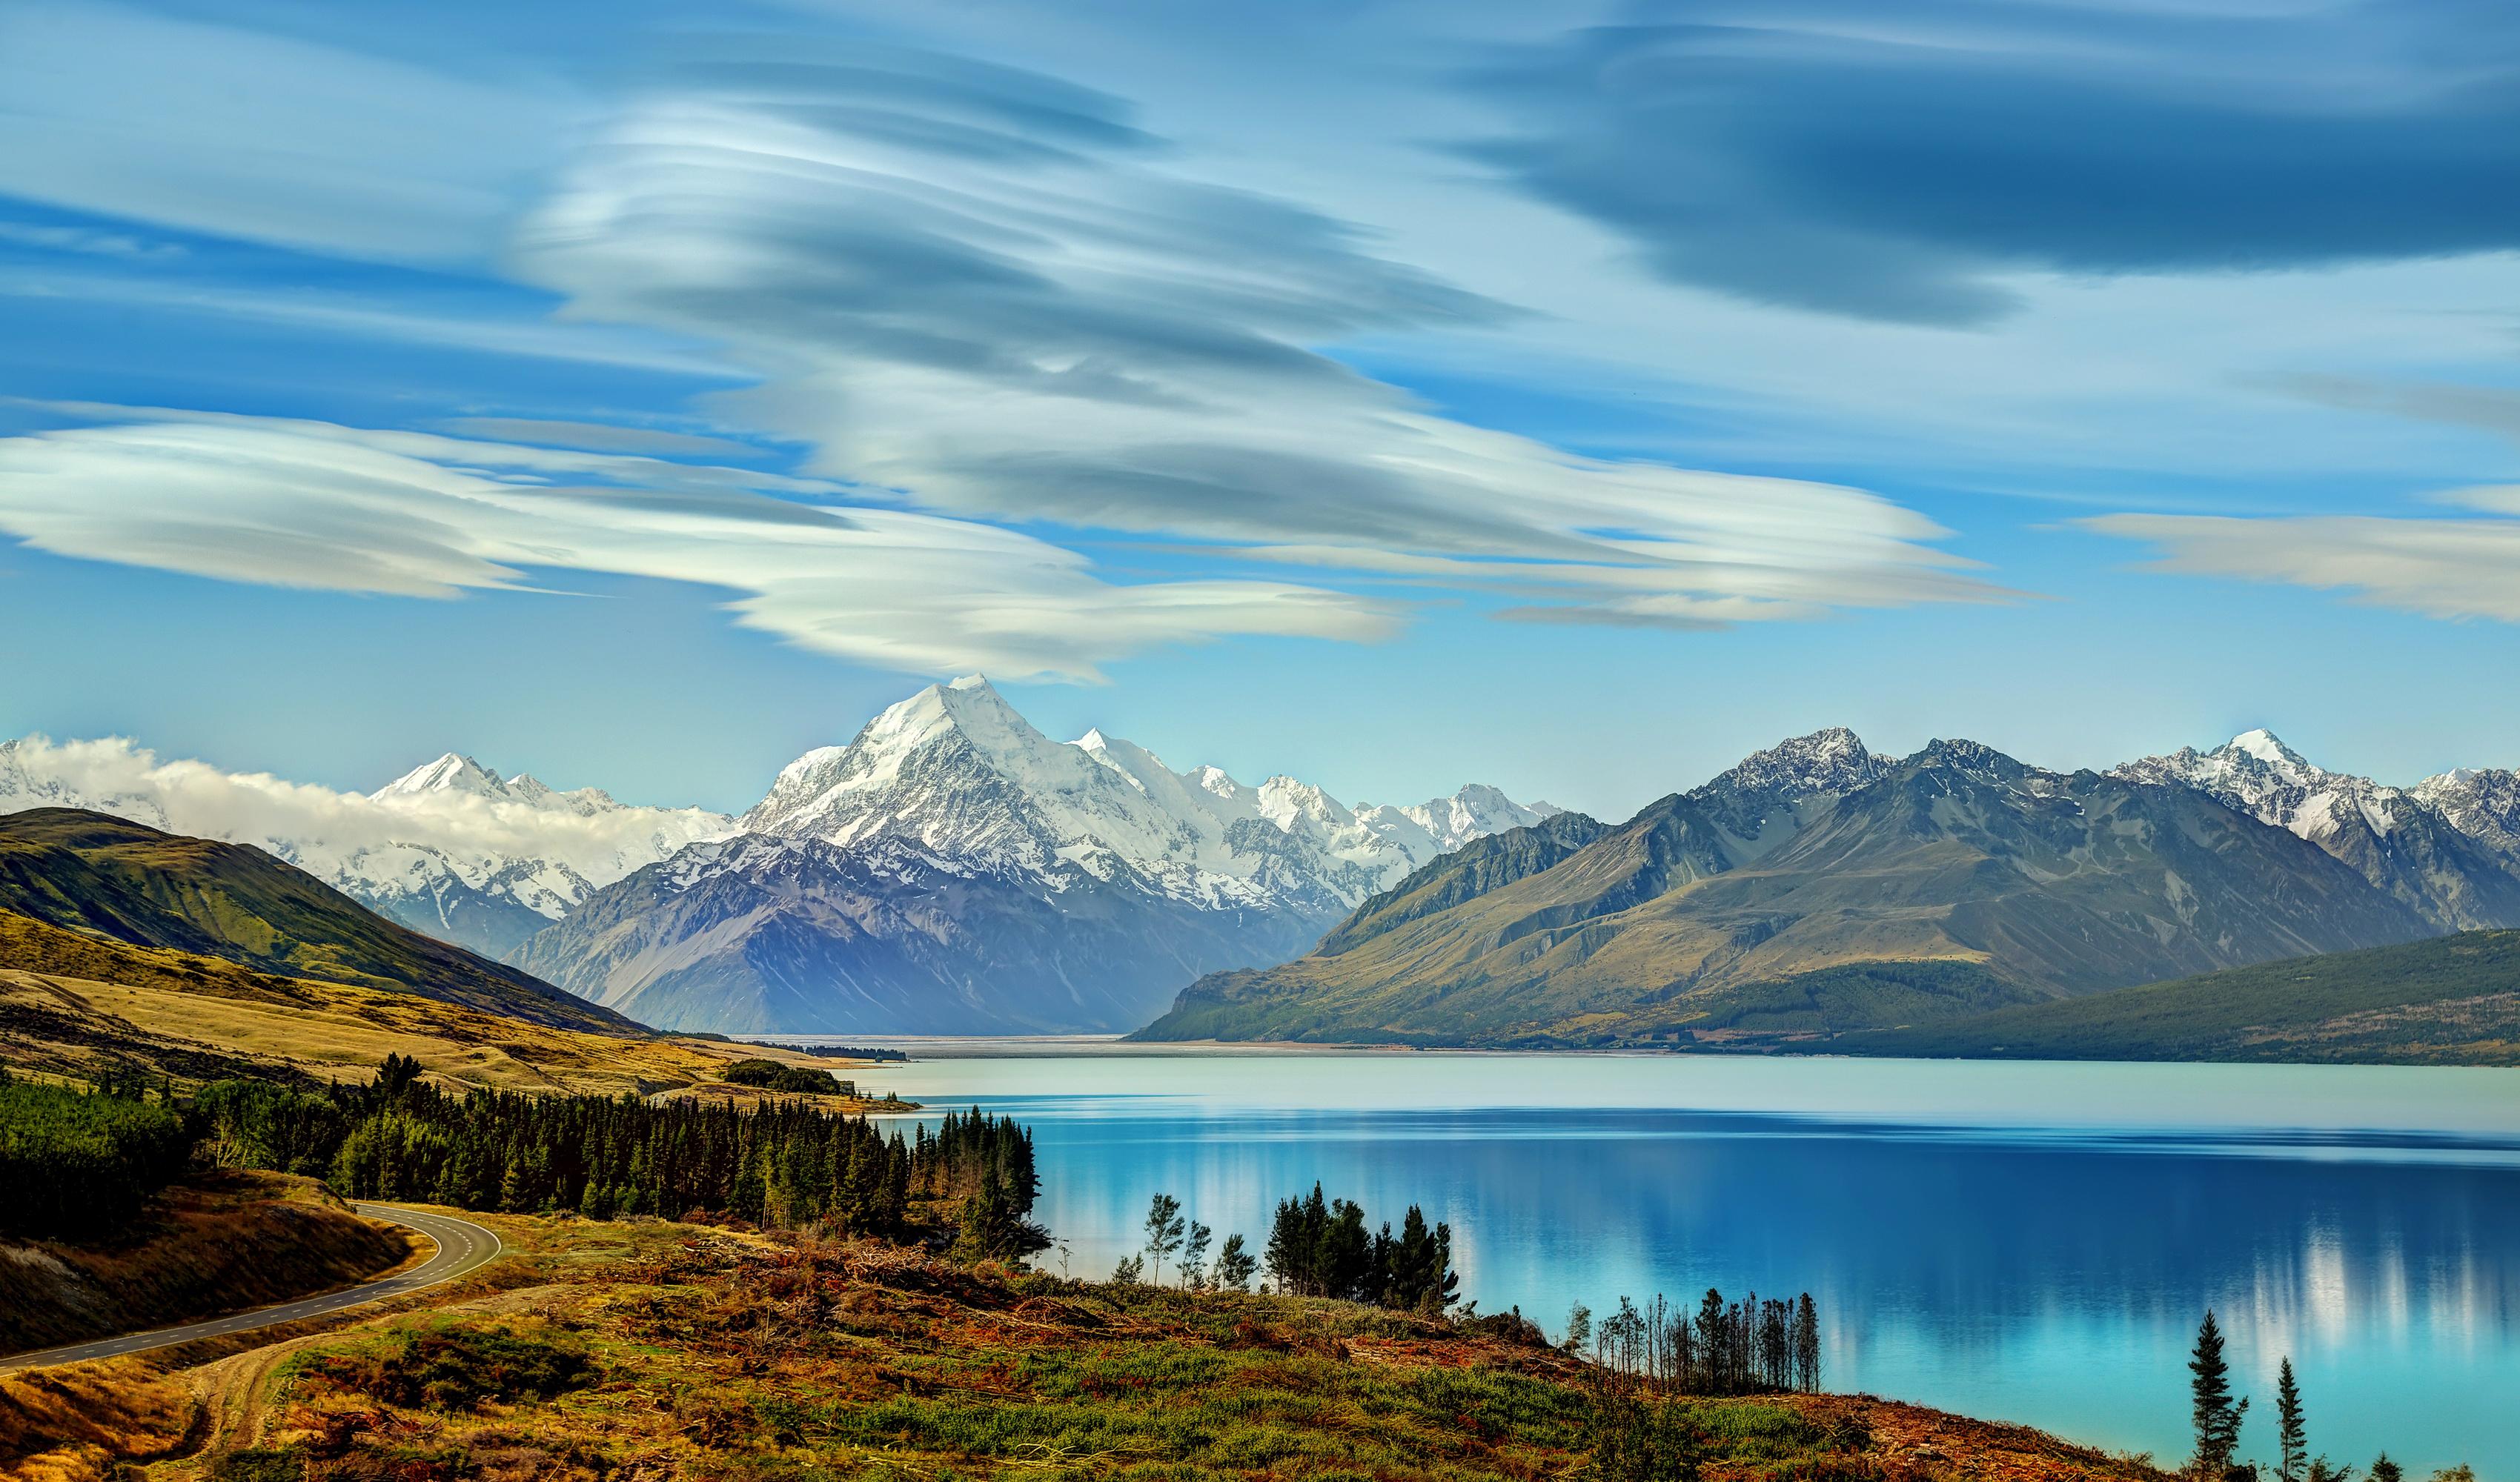 Lake Pukaki svetik